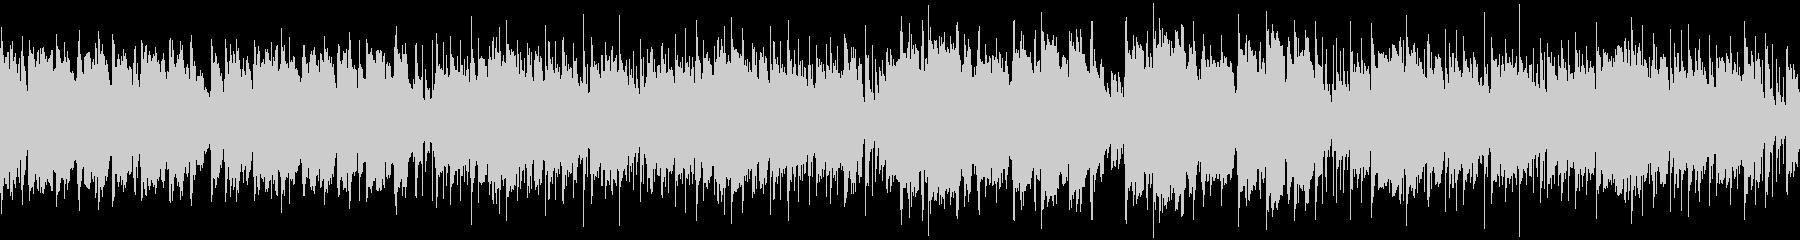 Refreshing violin / quiet / loop's unreproduced waveform